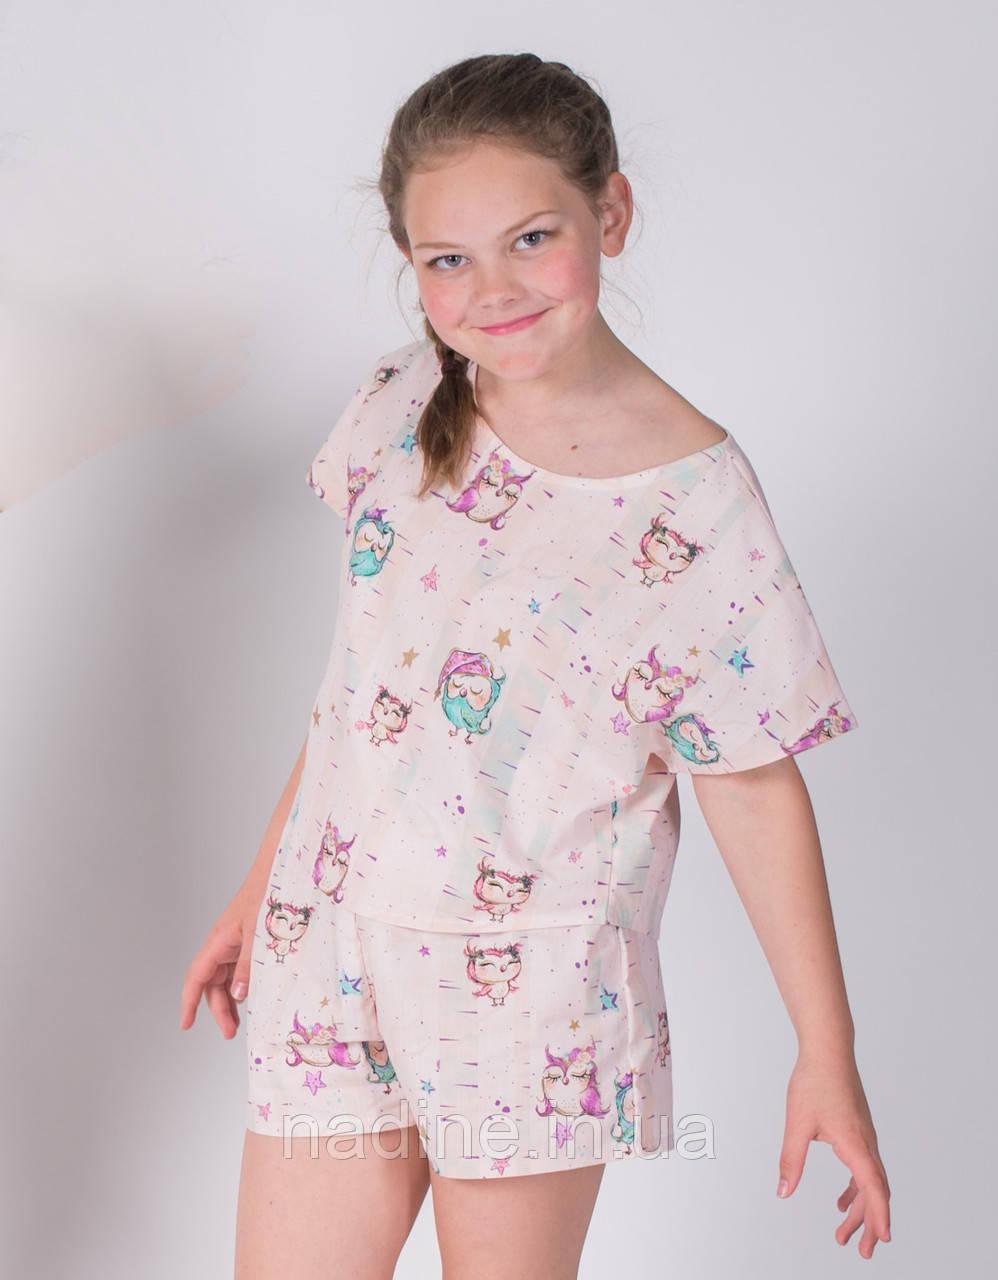 Пижама Совушка Eirena Nadine (783-64) 164/42, персиковый